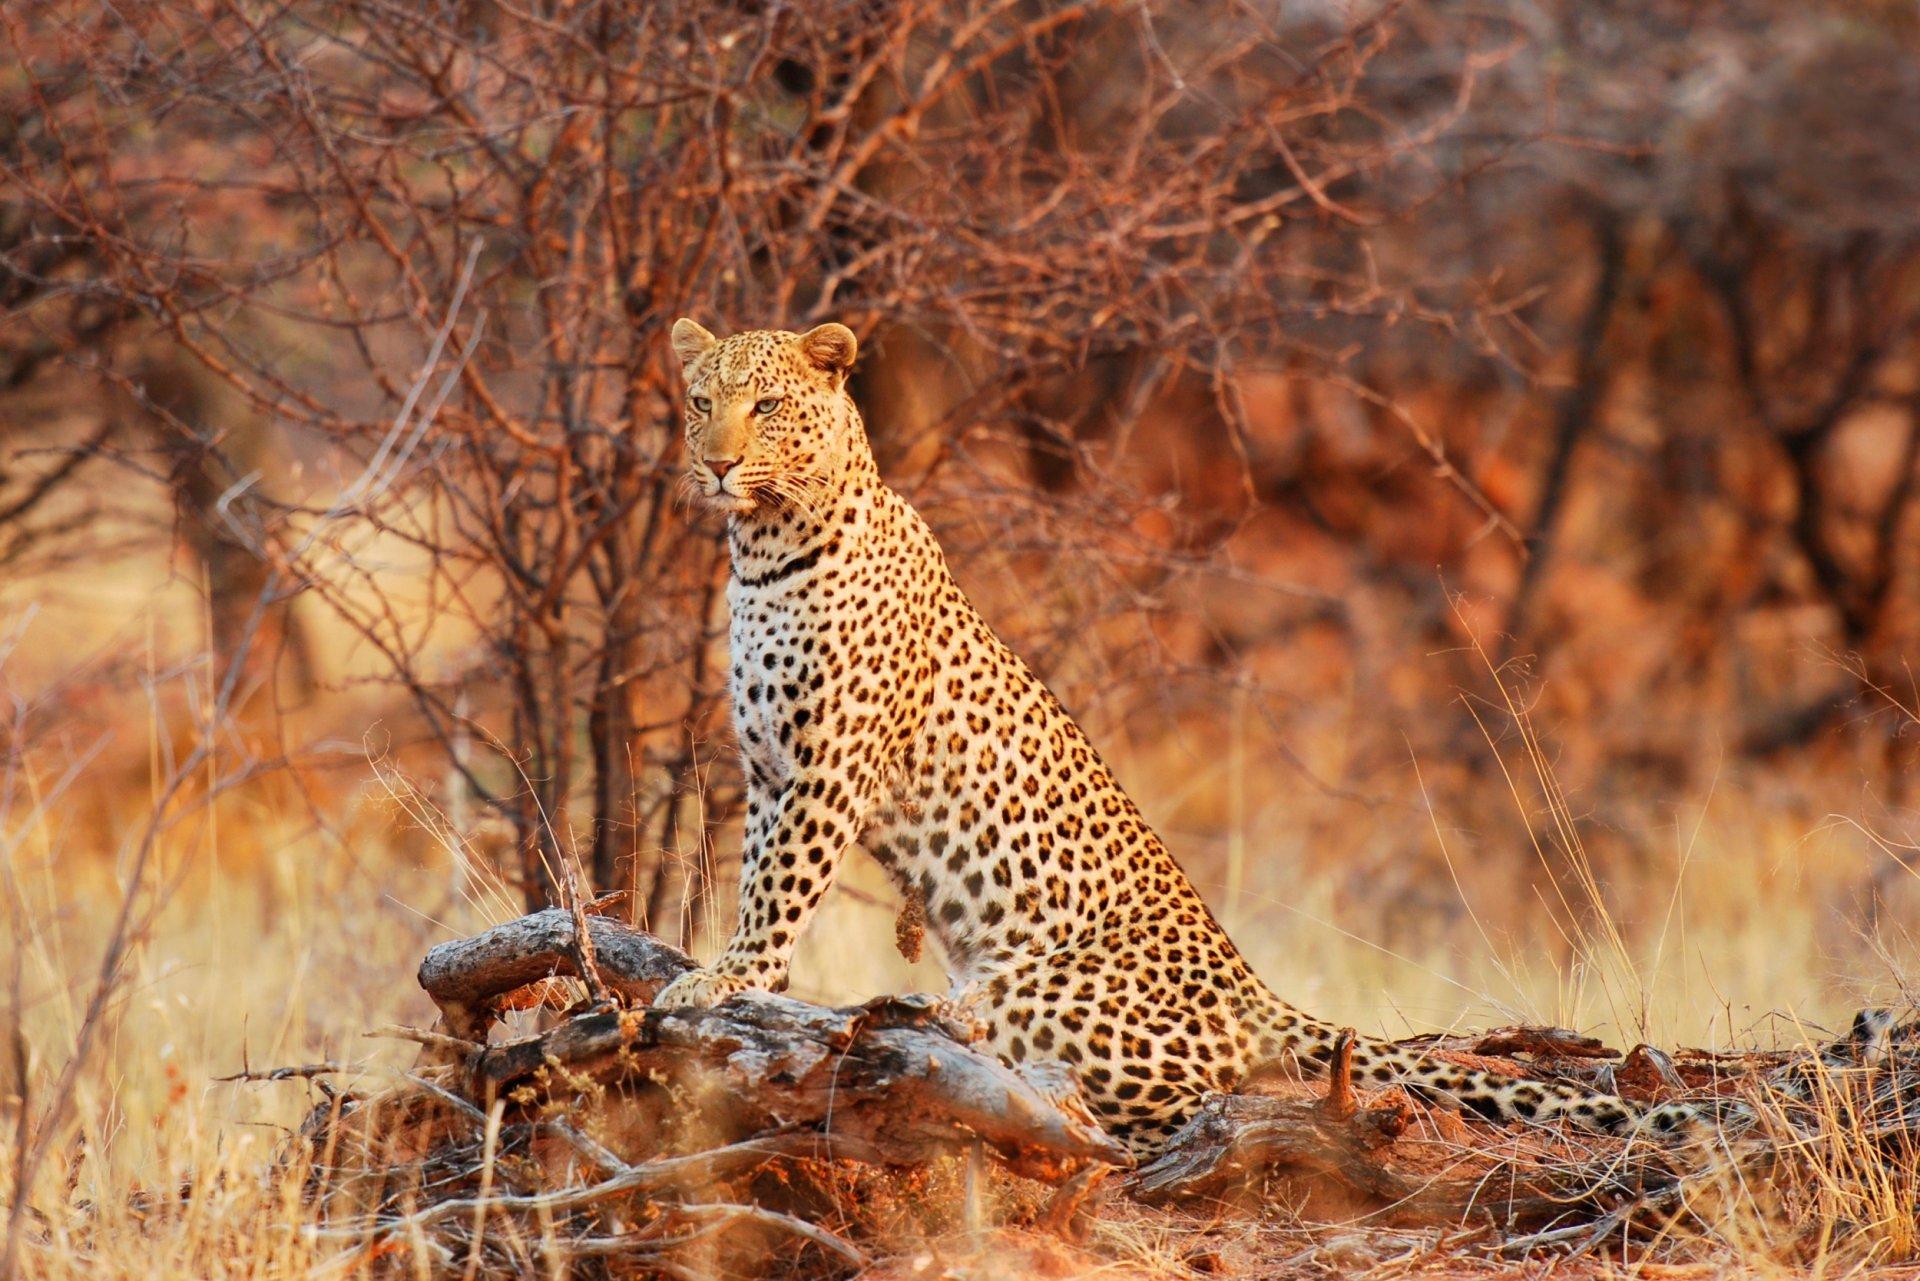 фото леопарда в природе шлейка возле